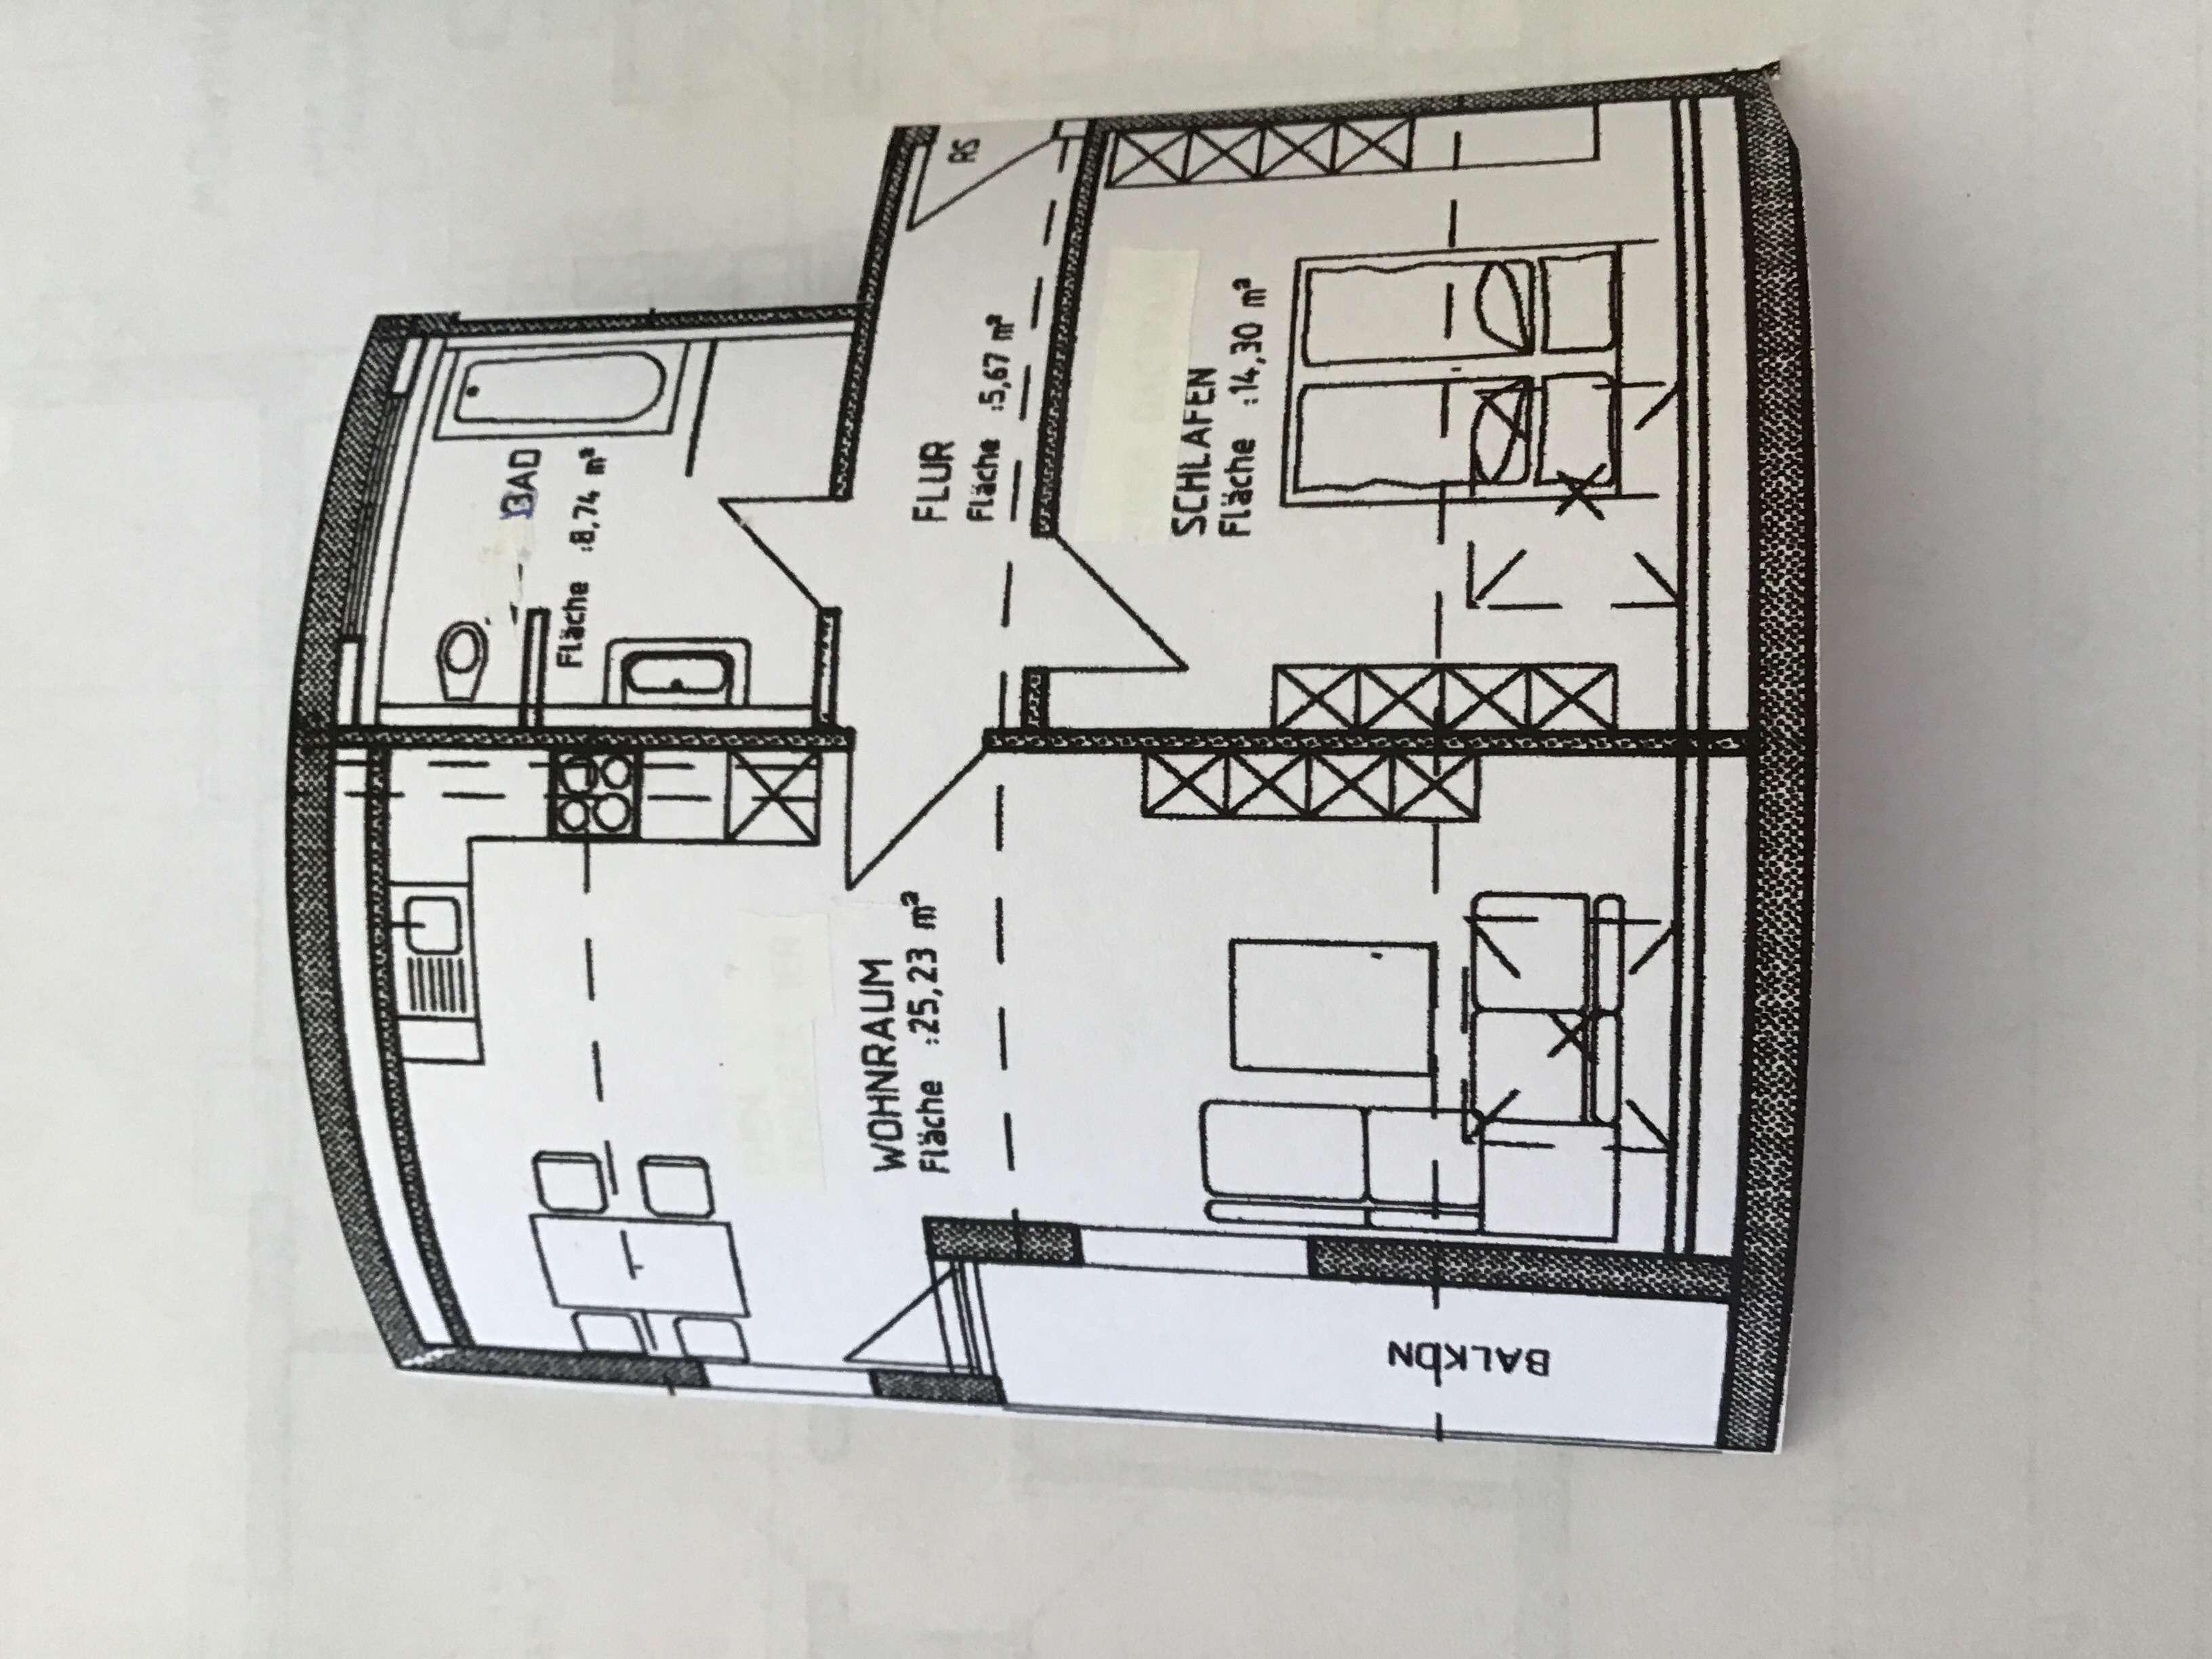 Vollständig renovierte 2-Zimmer-DG-Wohnung mit Balkon und Einbauküche in Memmingen in